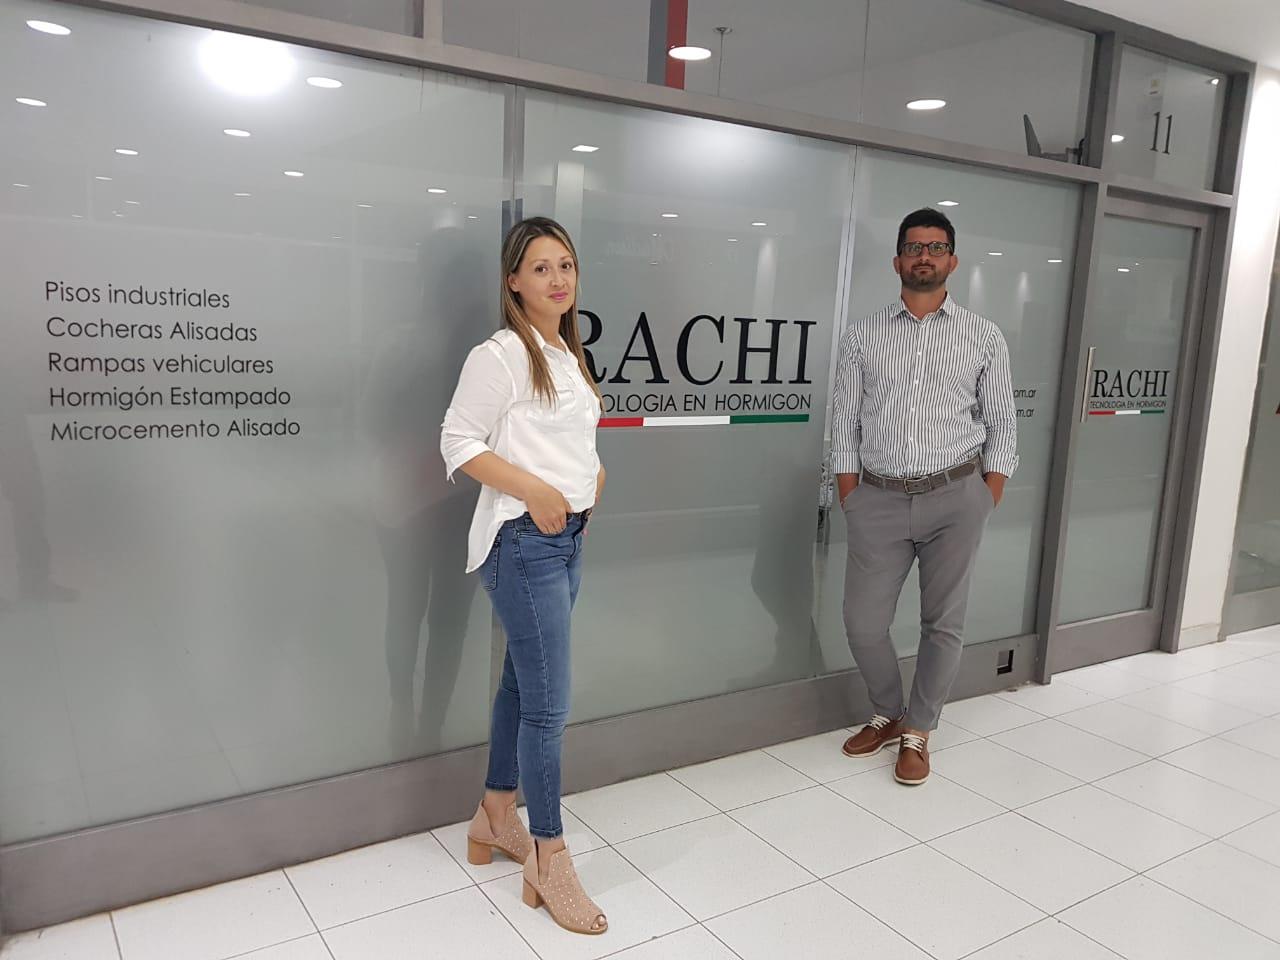 Rachi Tecnología en Hormigón